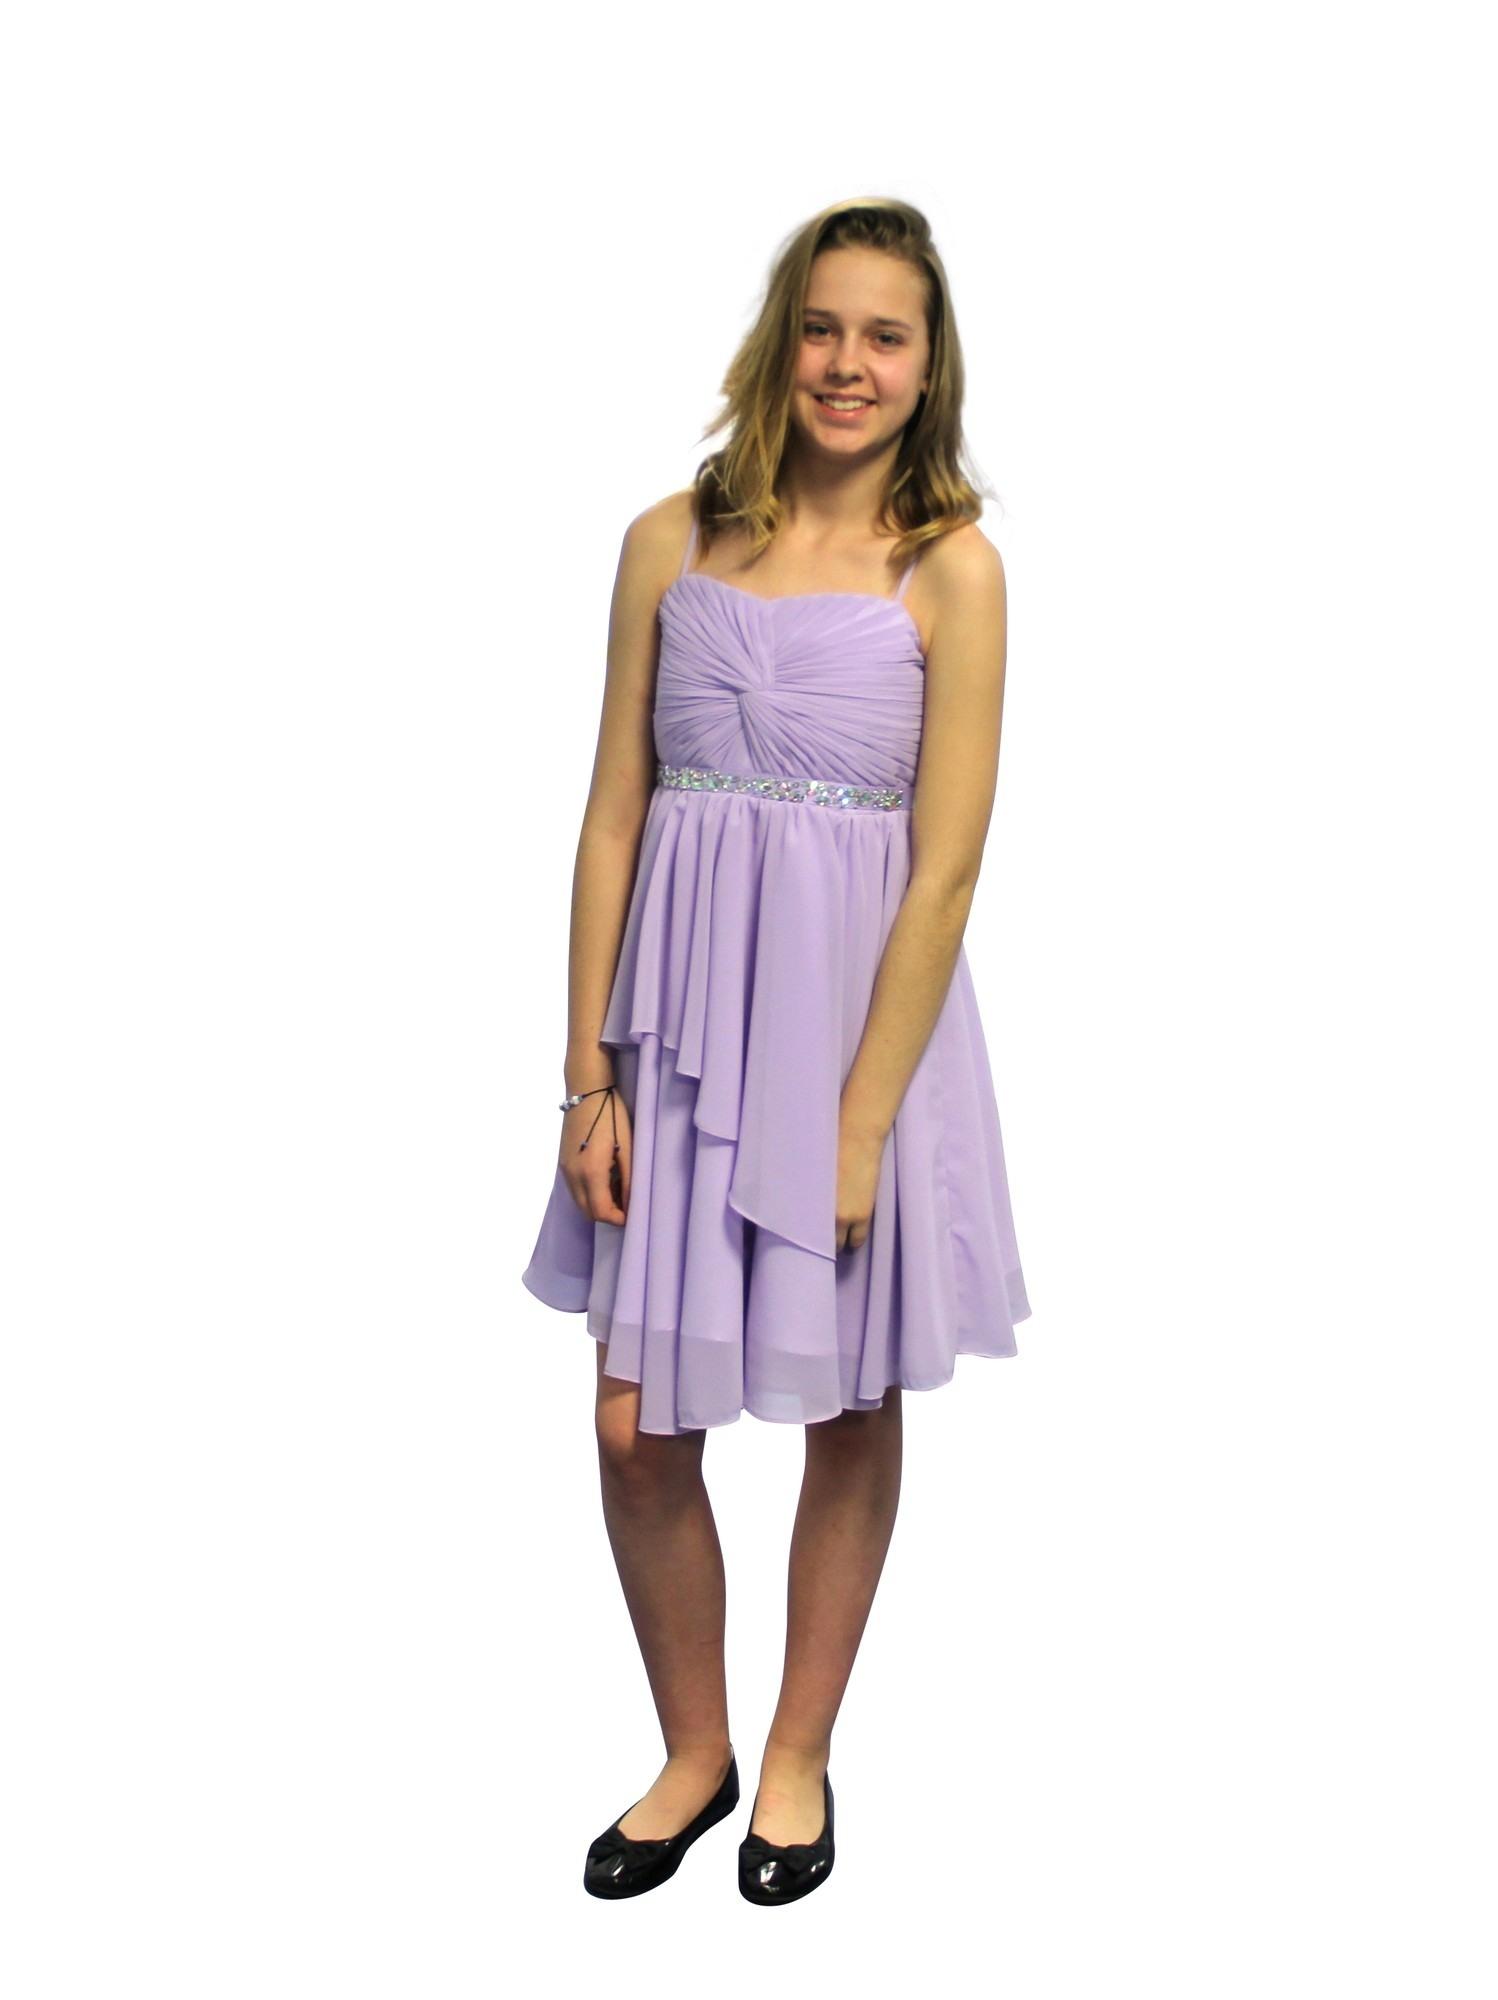 17 Perfekt Kleid Flieder Hochzeit Vertrieb10 Schön Kleid Flieder Hochzeit Stylish